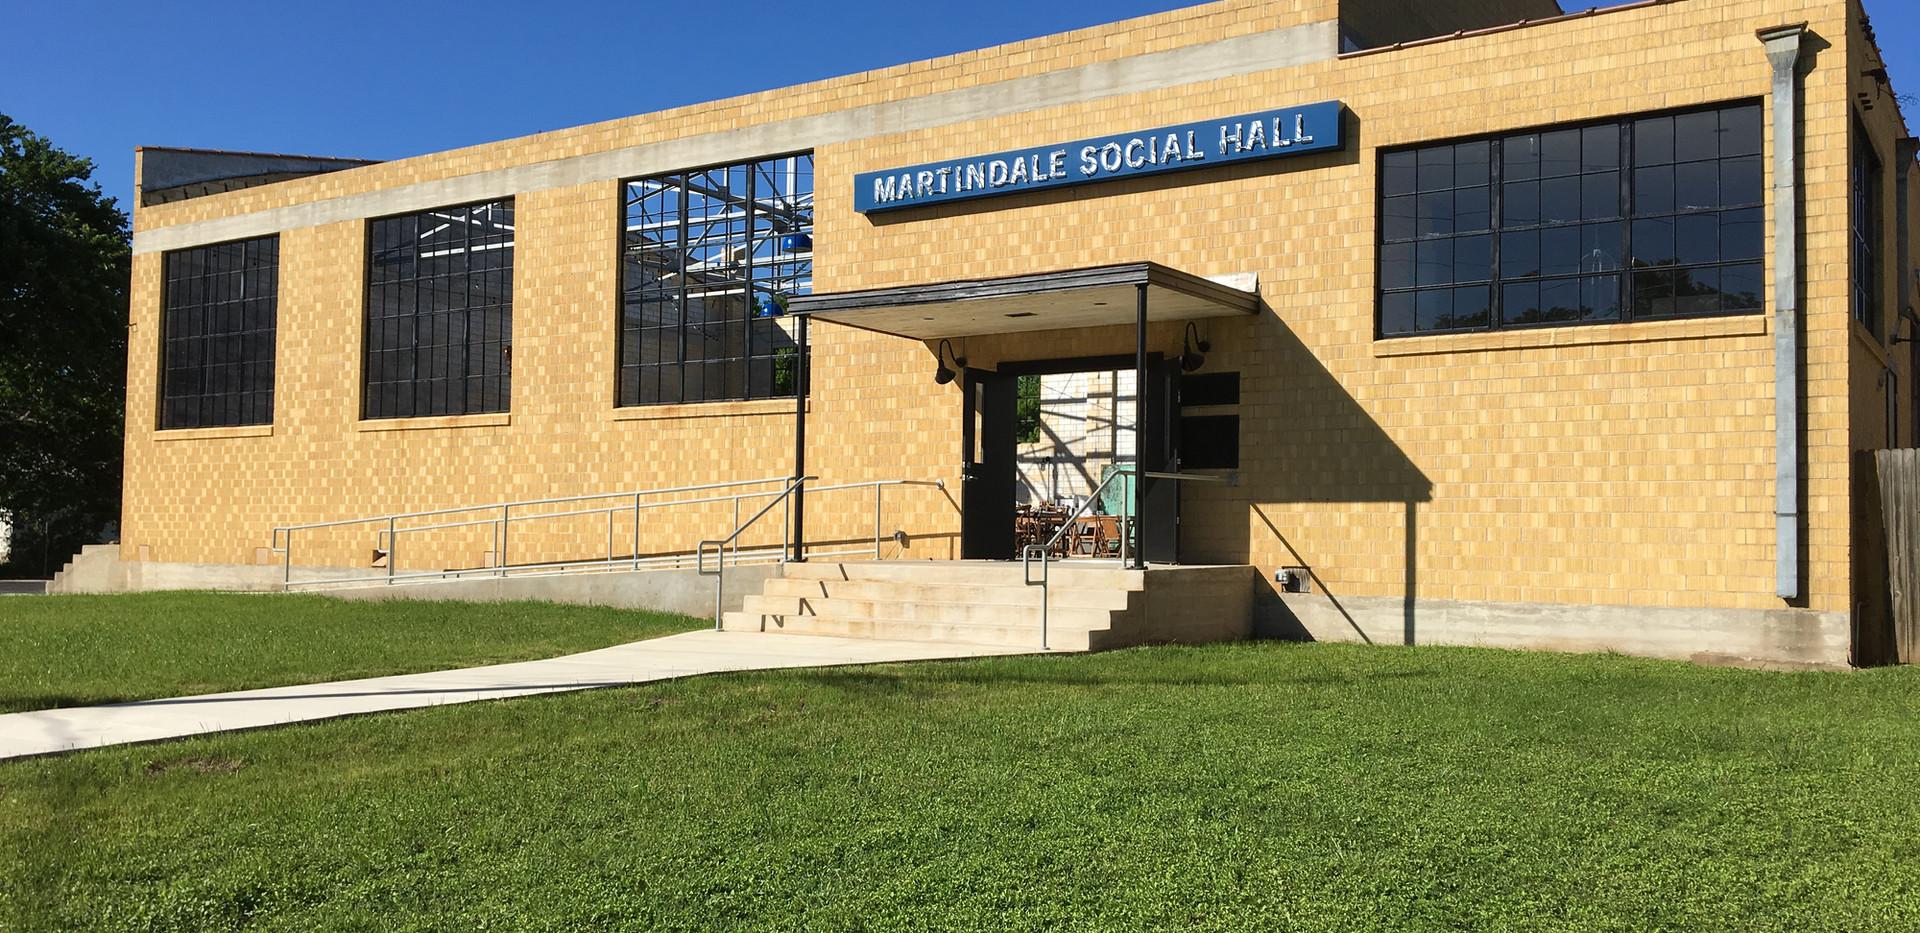 Martindale Social Hall